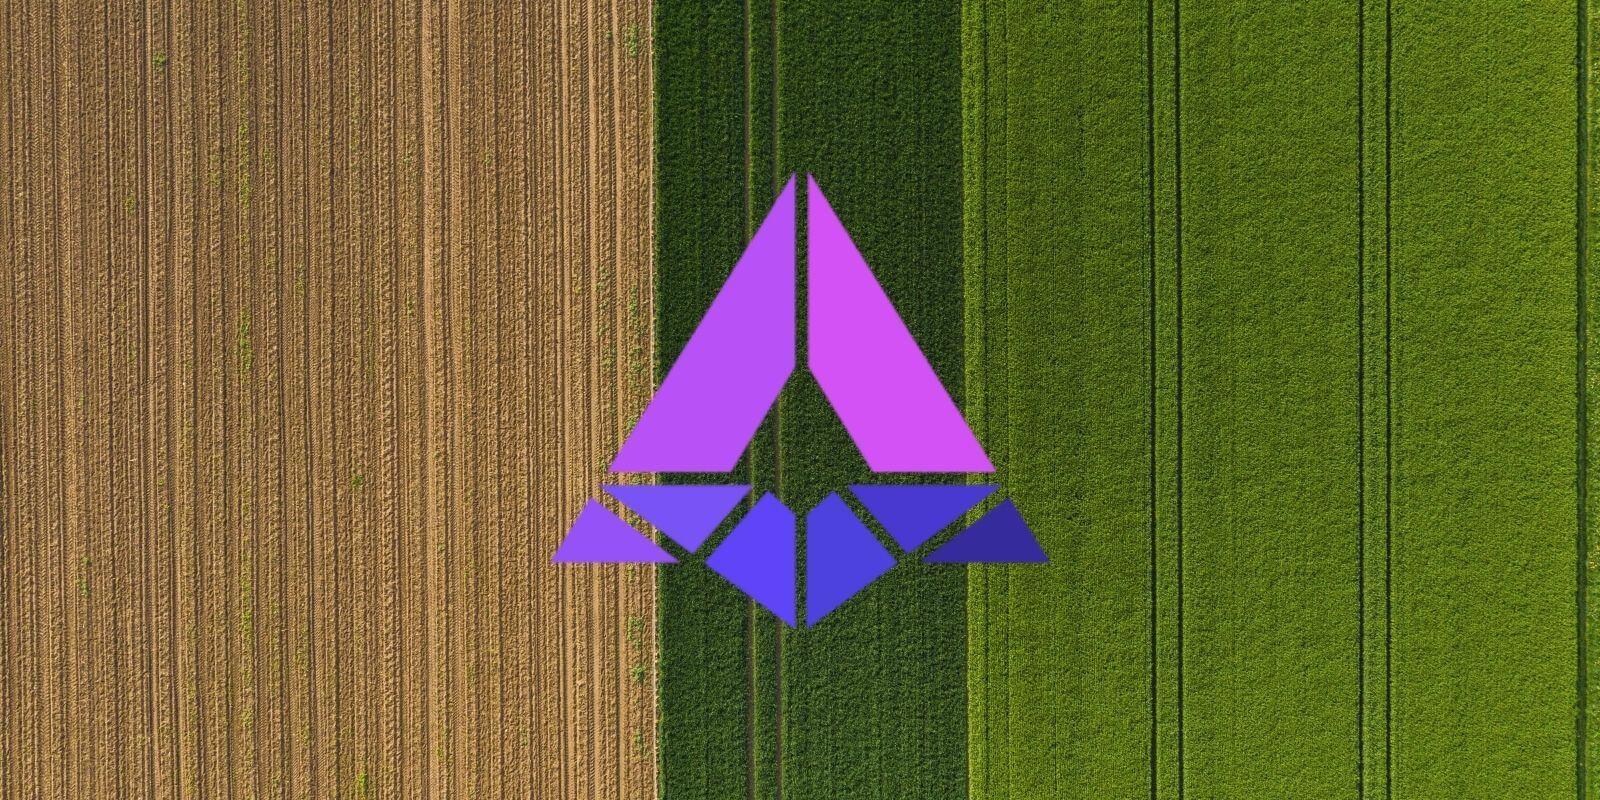 L'agrégateur de protocoles de yield farming APY.Finance lève 3,6M$